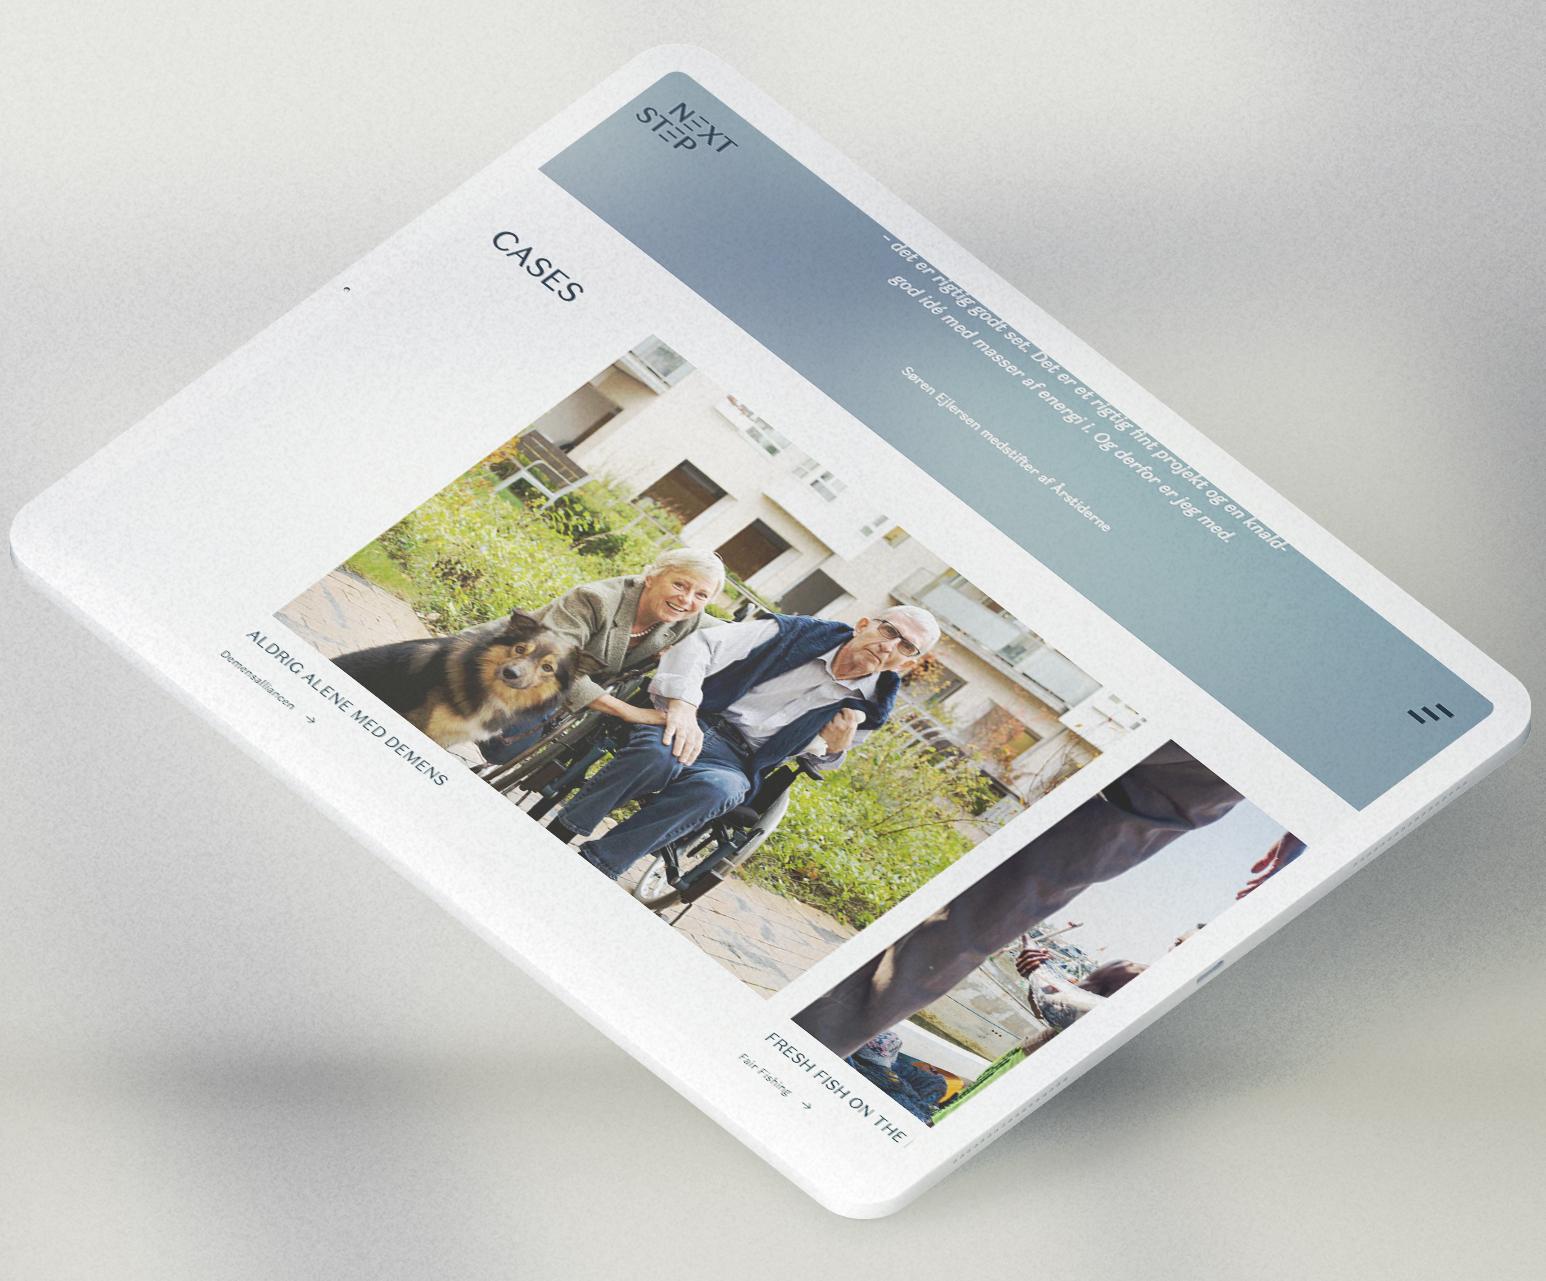 Nextstep website on an iPad Pro.